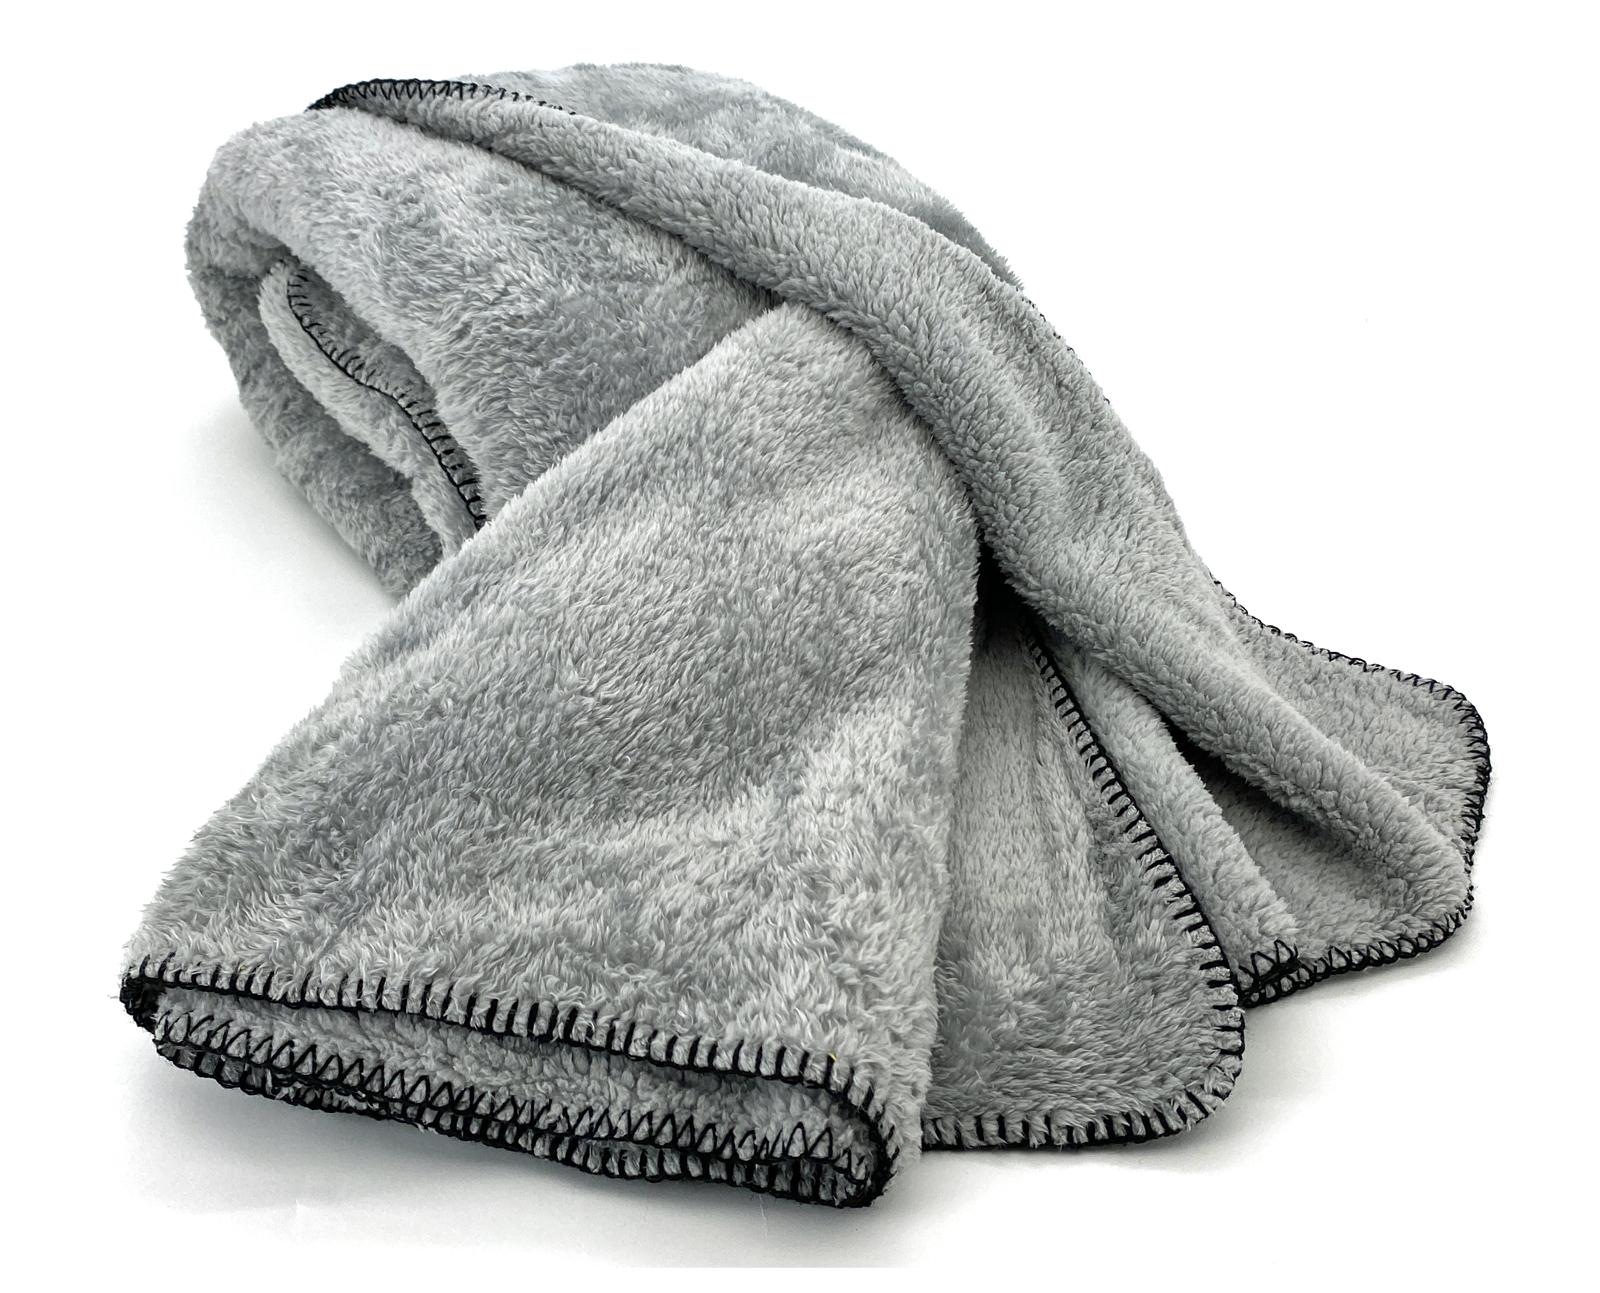 Indexbild 5 - Super Soft Kuscheldecke Langfloor Teddy Fleece XL 200x150 Plüsch Decke Typ716